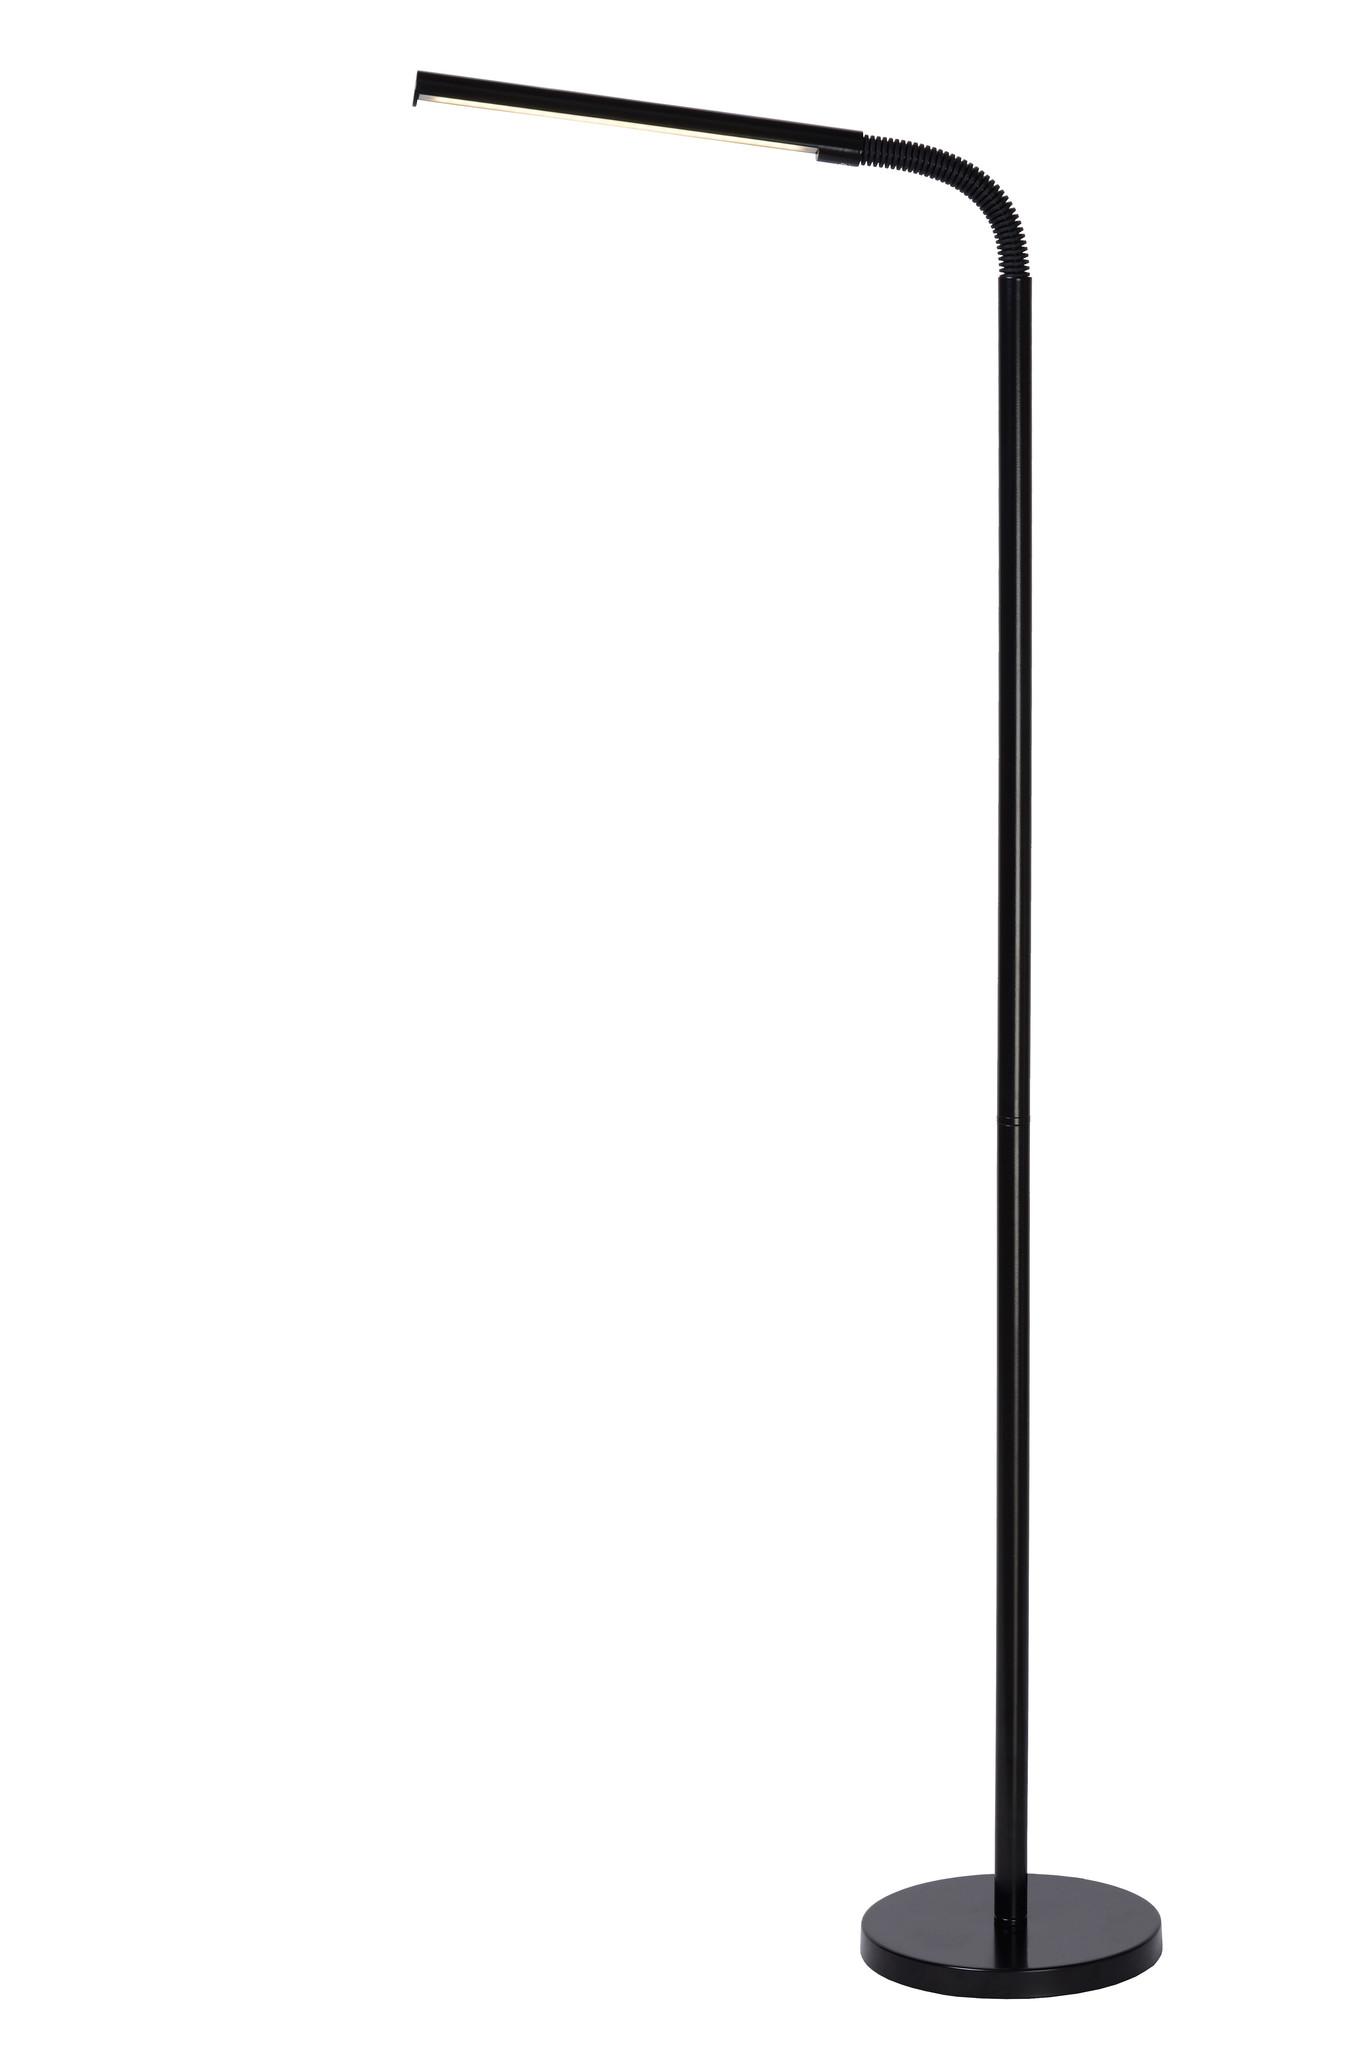 Lucide GILLY Leeslamp-Zwart-LED-6W-2700K-Metaal